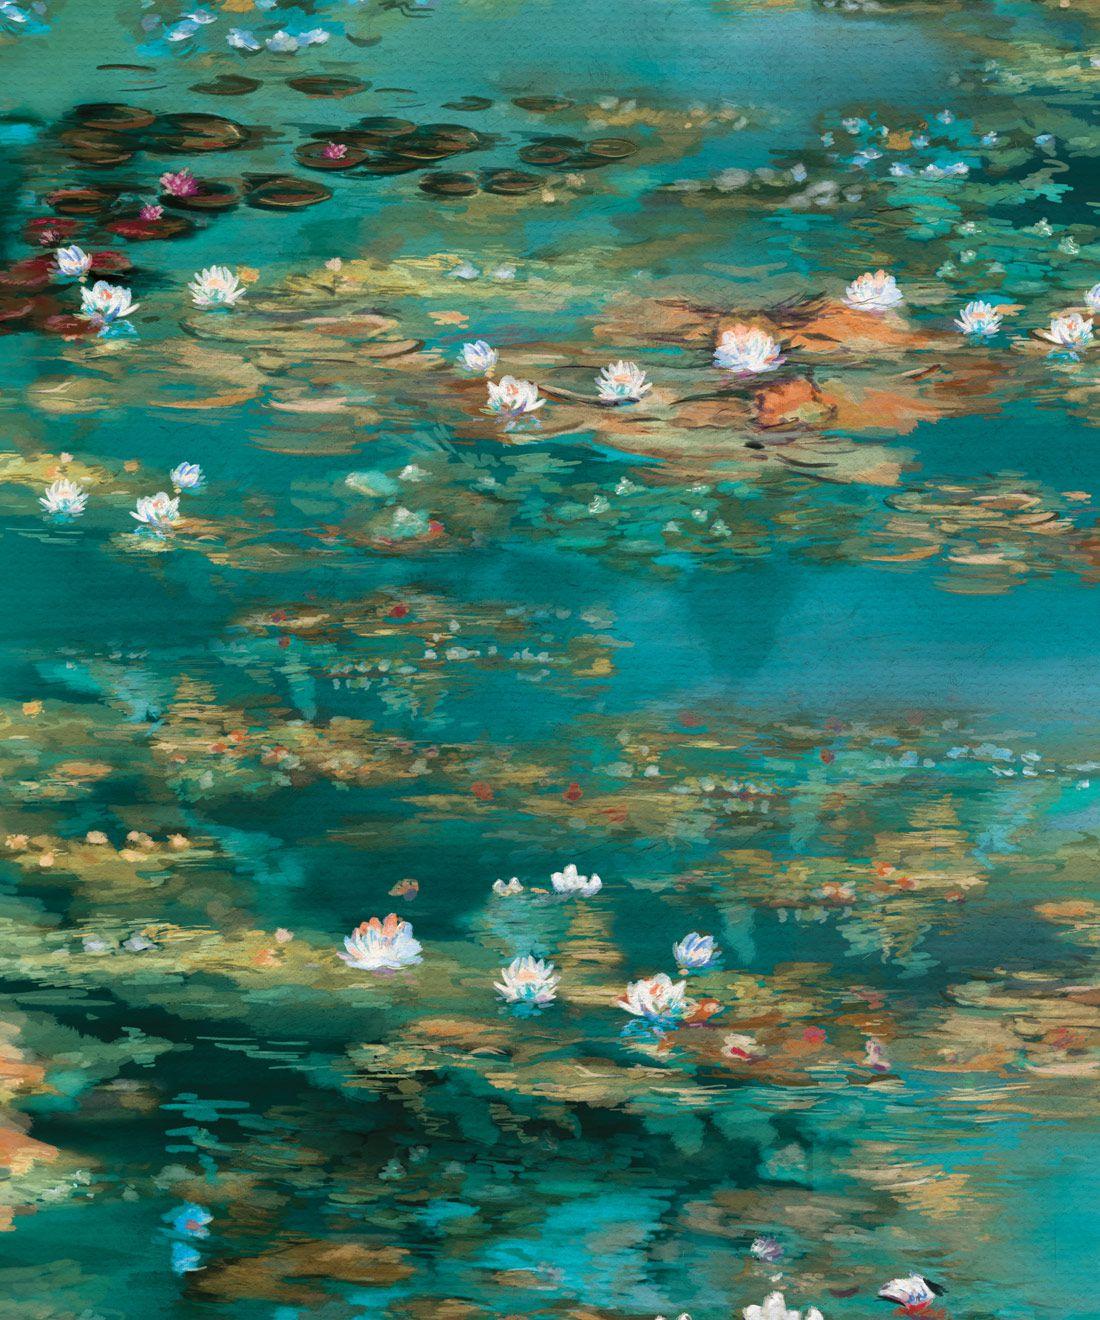 Water Lillies Wallpaper •Abstract Wallpaper • Dreamy Wallpaper • Teal Wallpaper •Swatch